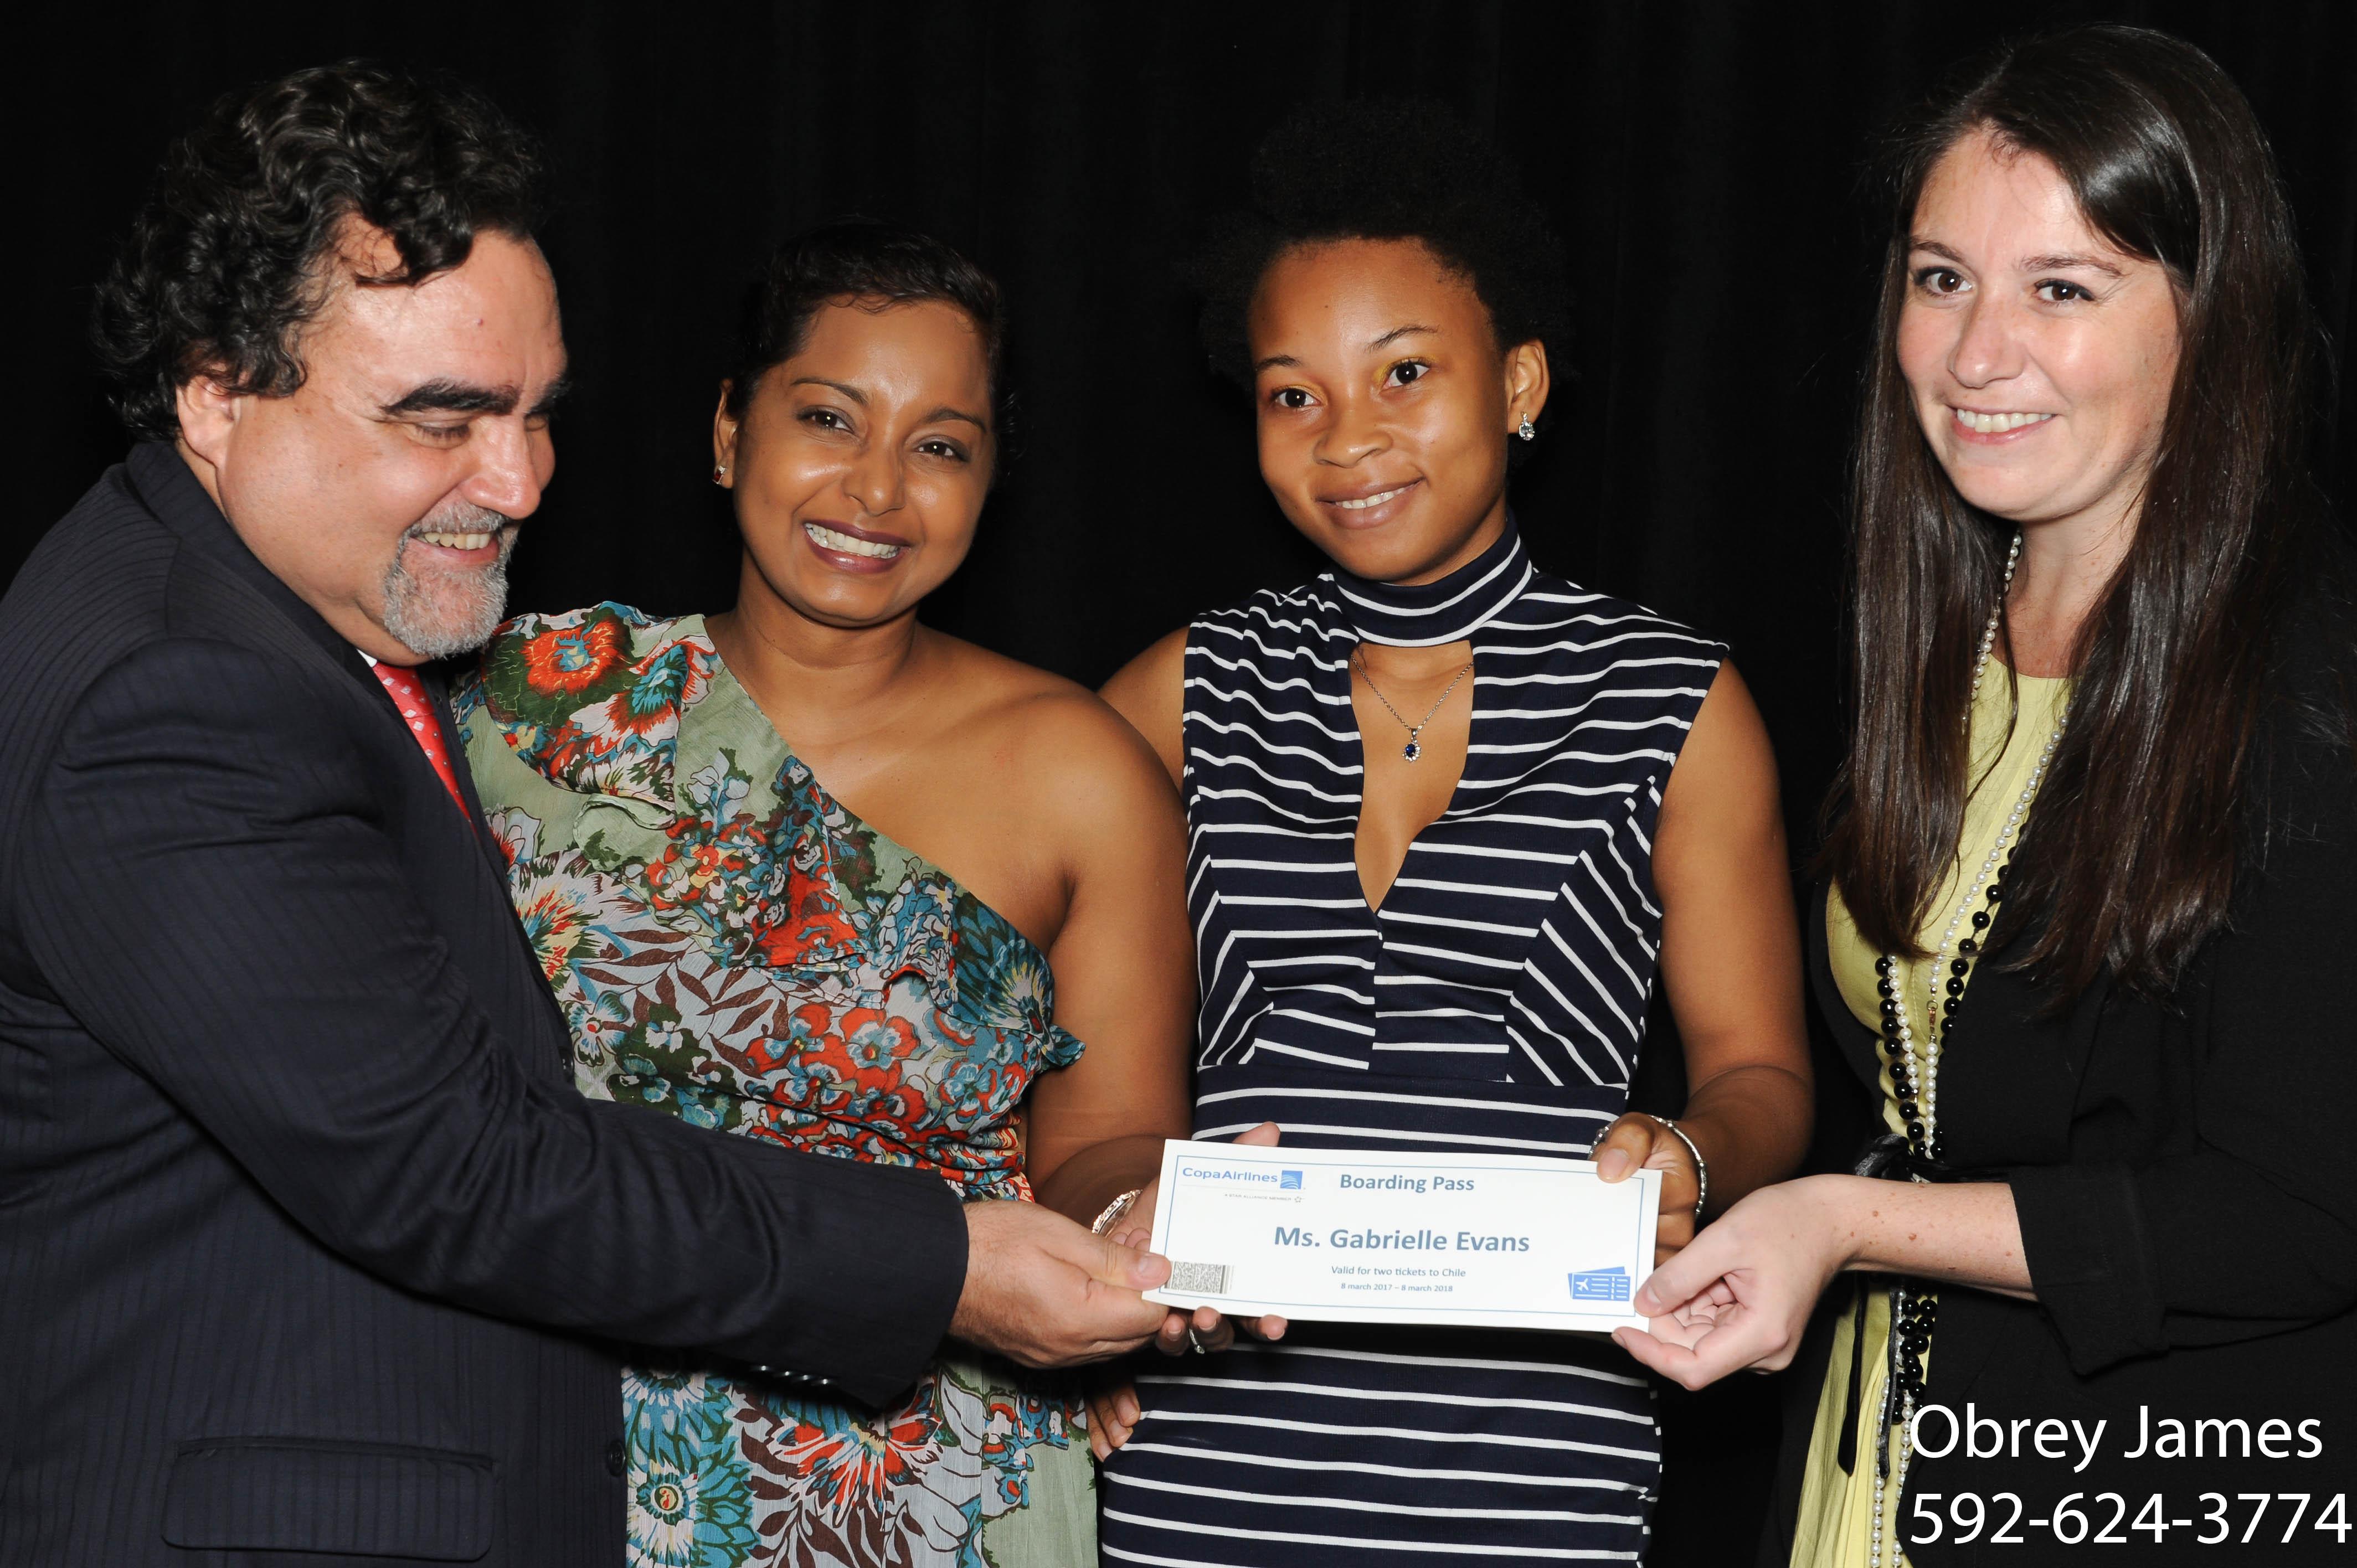 Chilenos No Necesitan Visa Para Entrar A Guyana Tras Firma De Acuerdo Internacional Biobiochile